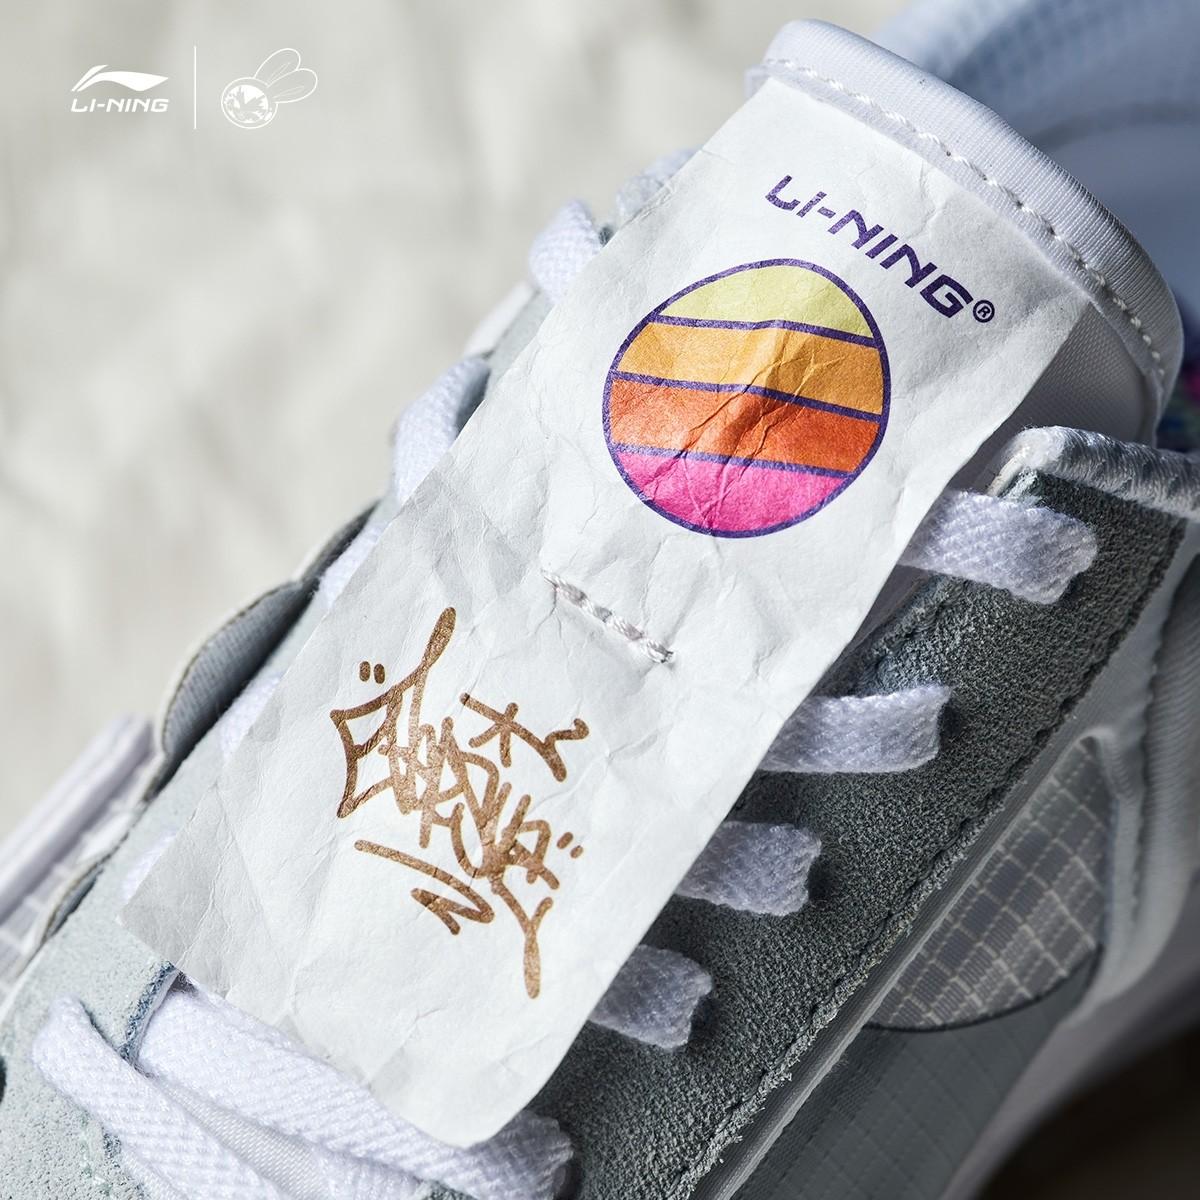 李宁,Persue,发售  明天发售!这双艺术家联名鞋太可爱了!一看就适合夏天!